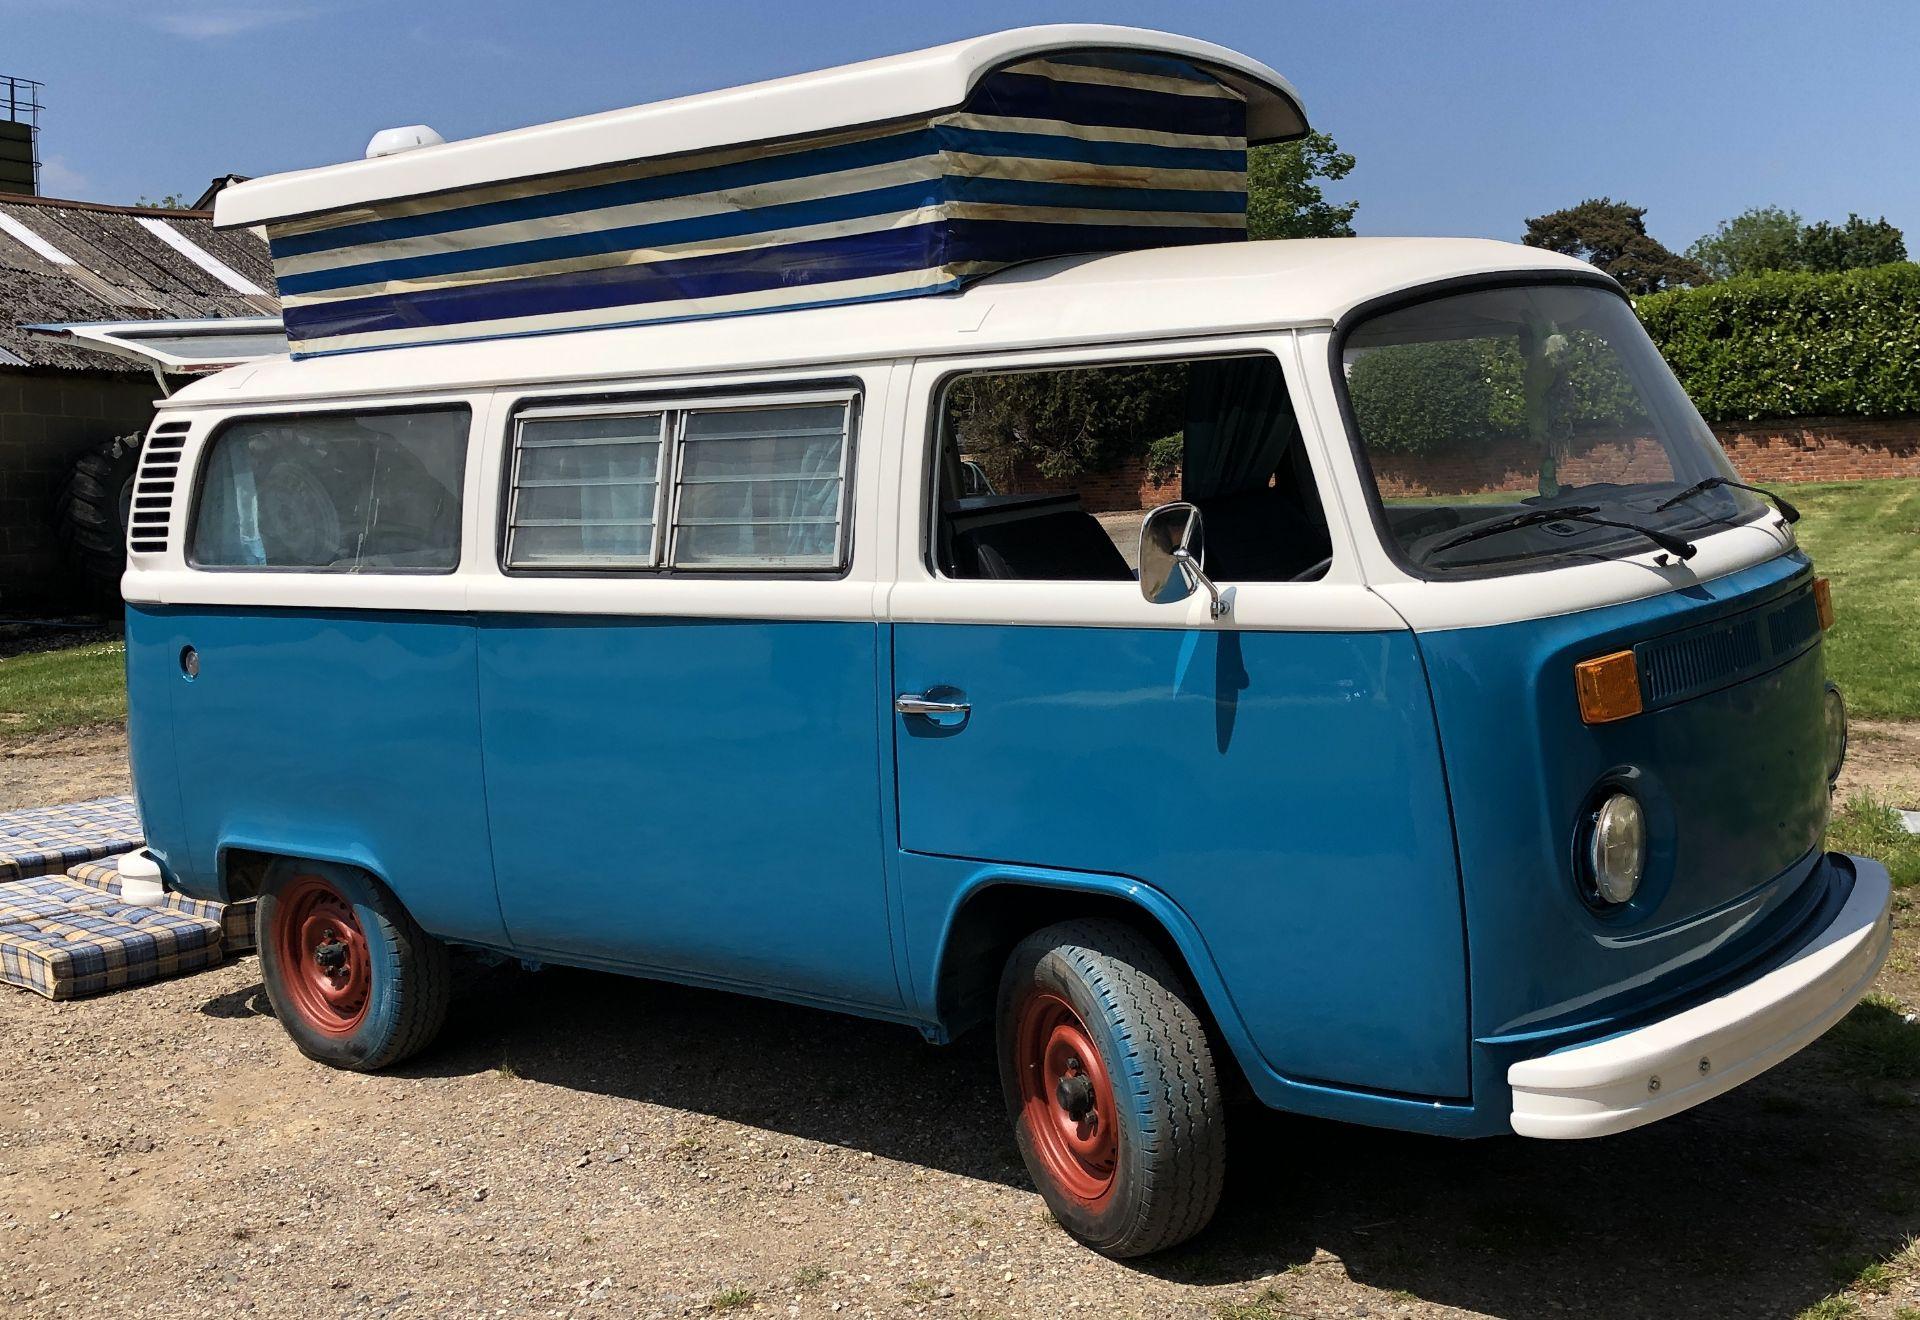 VW Microbus 8 Seater Caravanette Devon - 'Mr Blue' Petrol, Registration UMH 420S, First Registered - Image 11 of 47